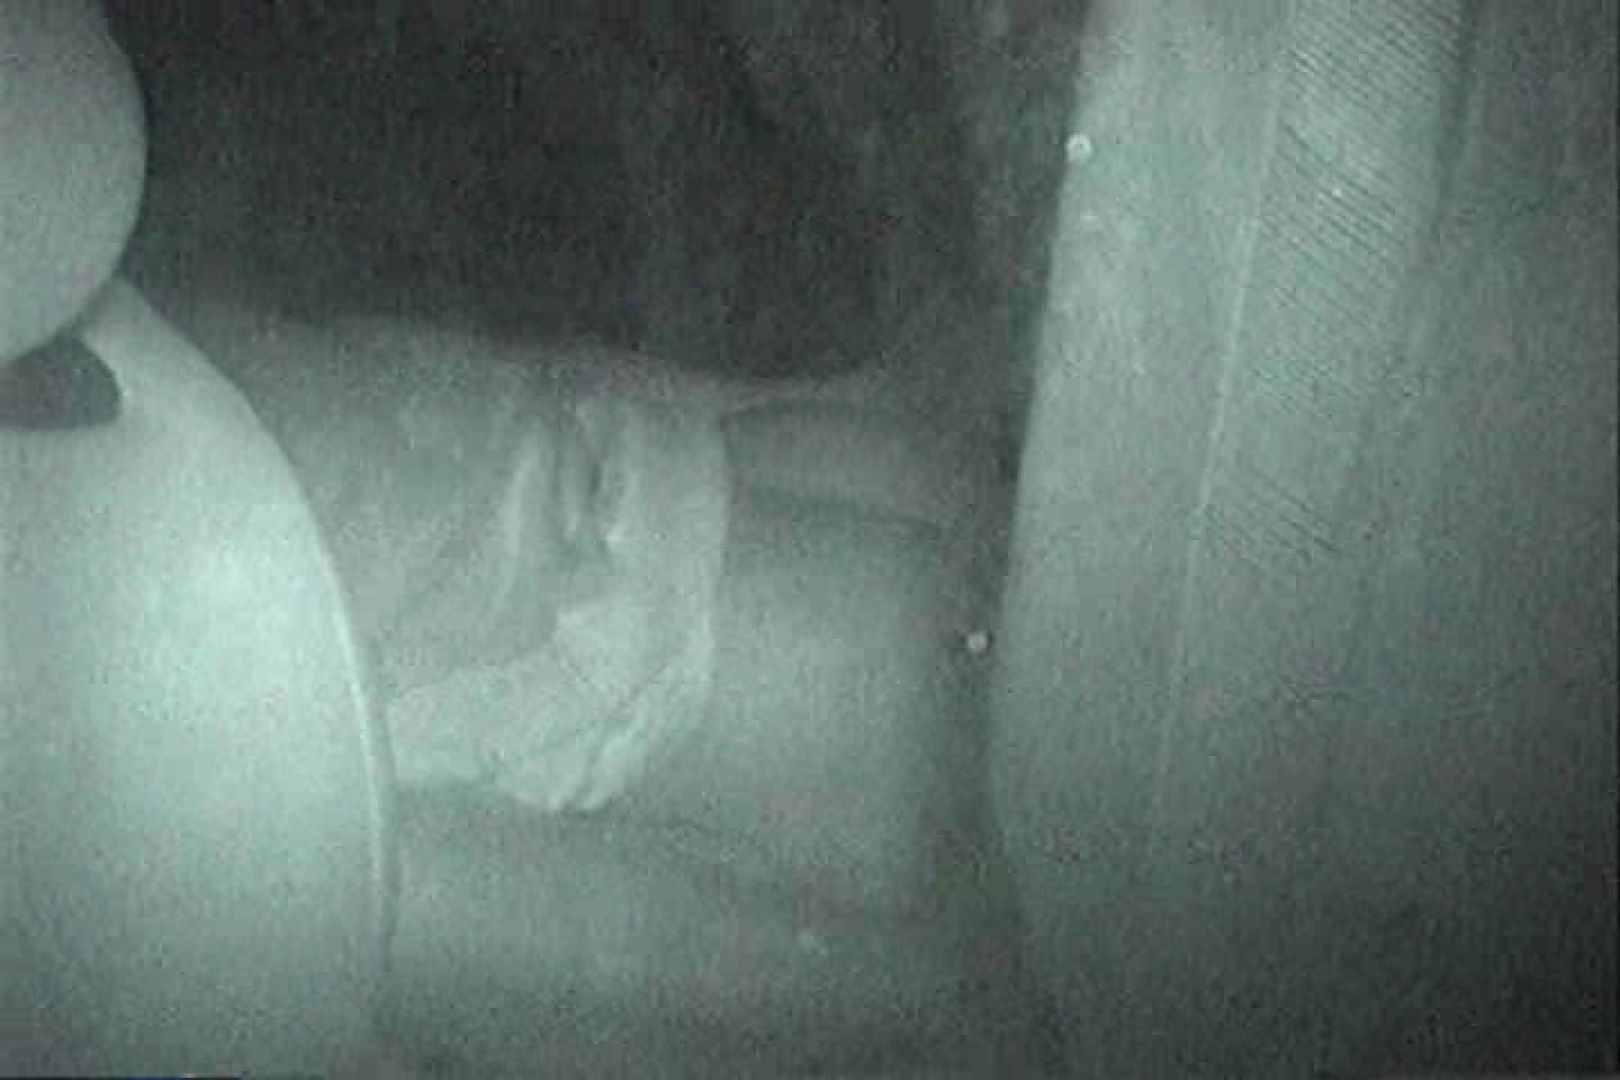 充血監督の深夜の運動会Vol.157 OLセックス   車  109画像 53